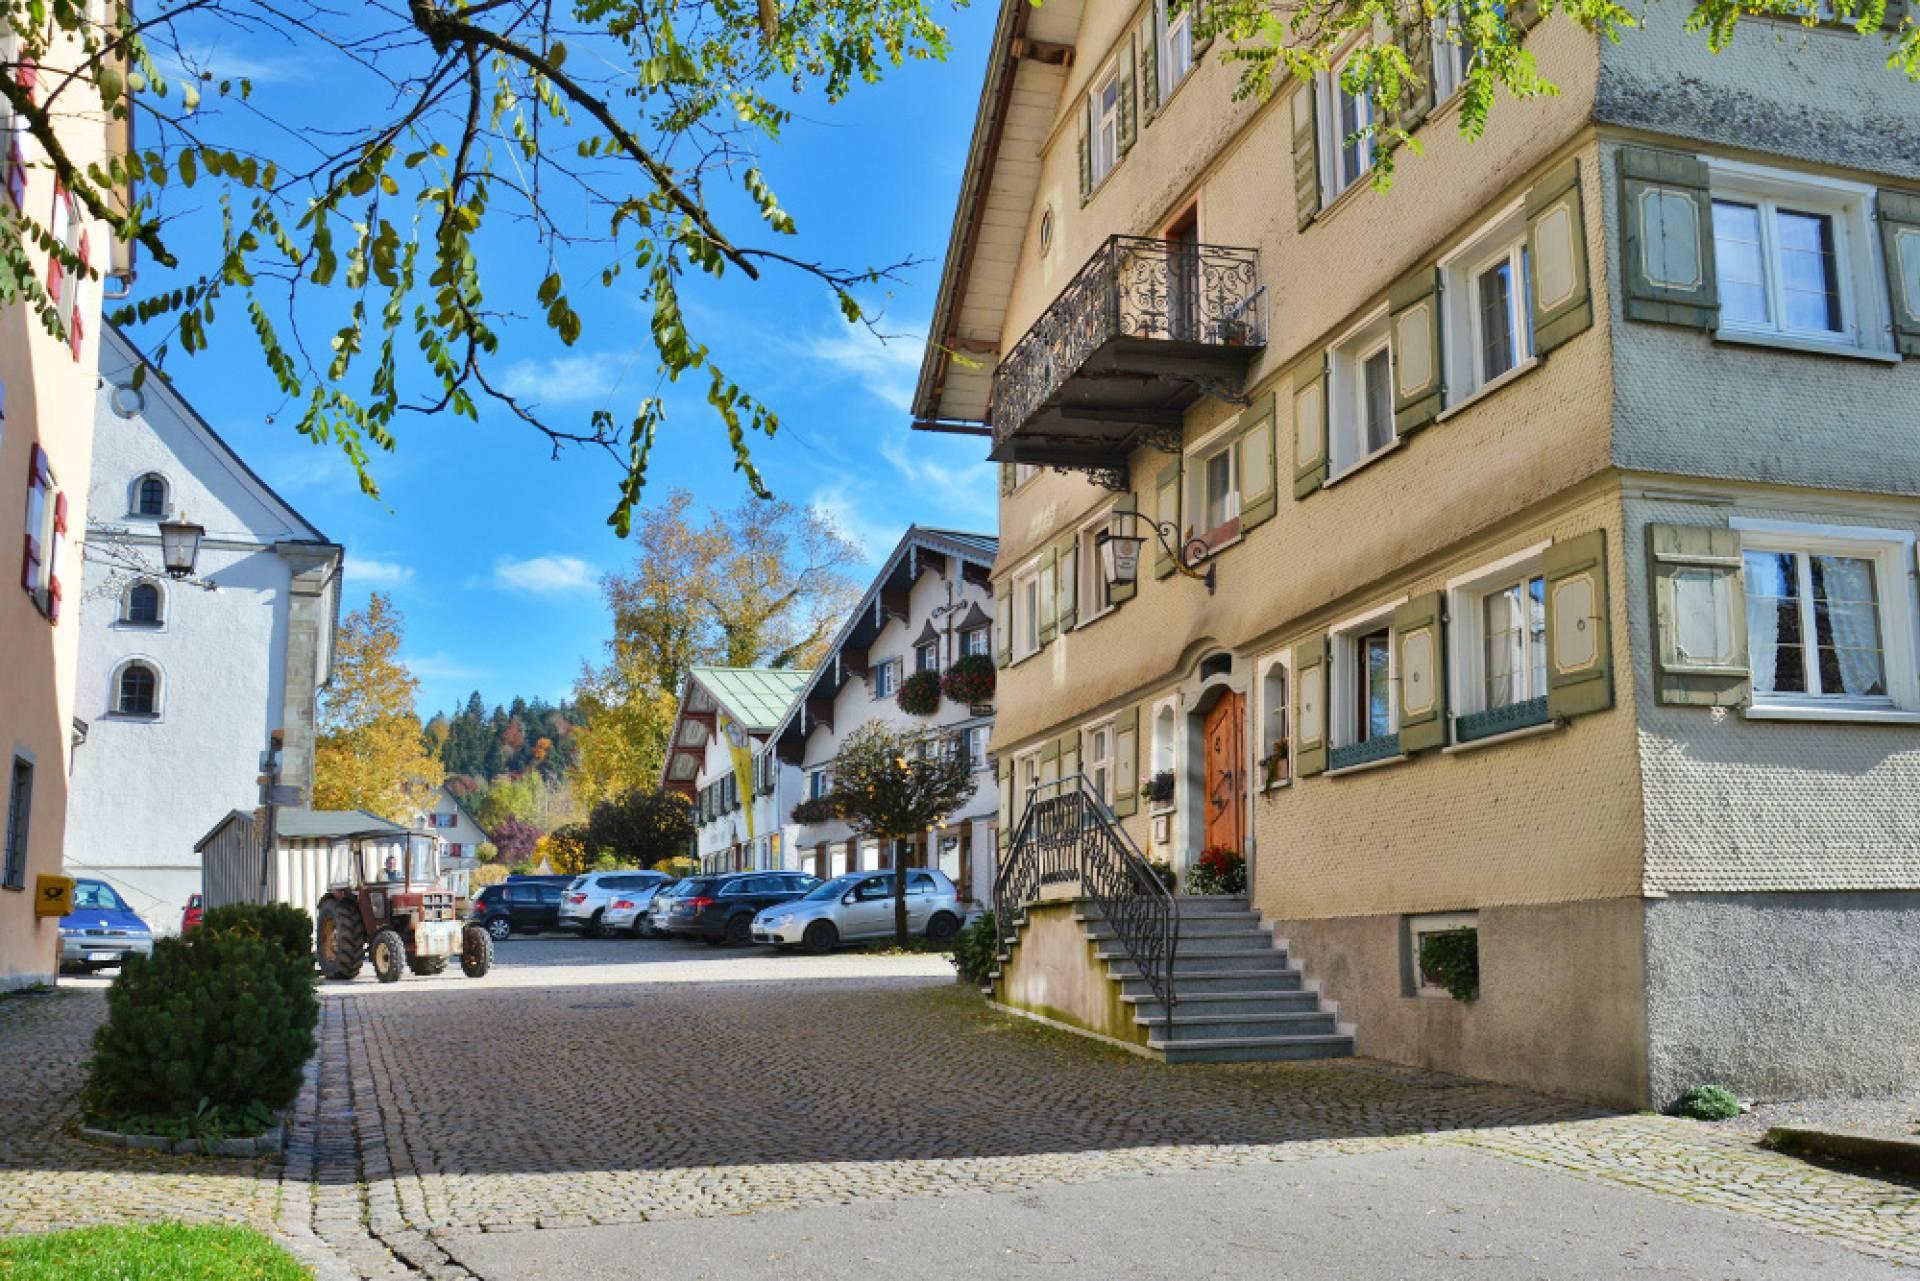 Weiler-Simmerberg im Westallgäu